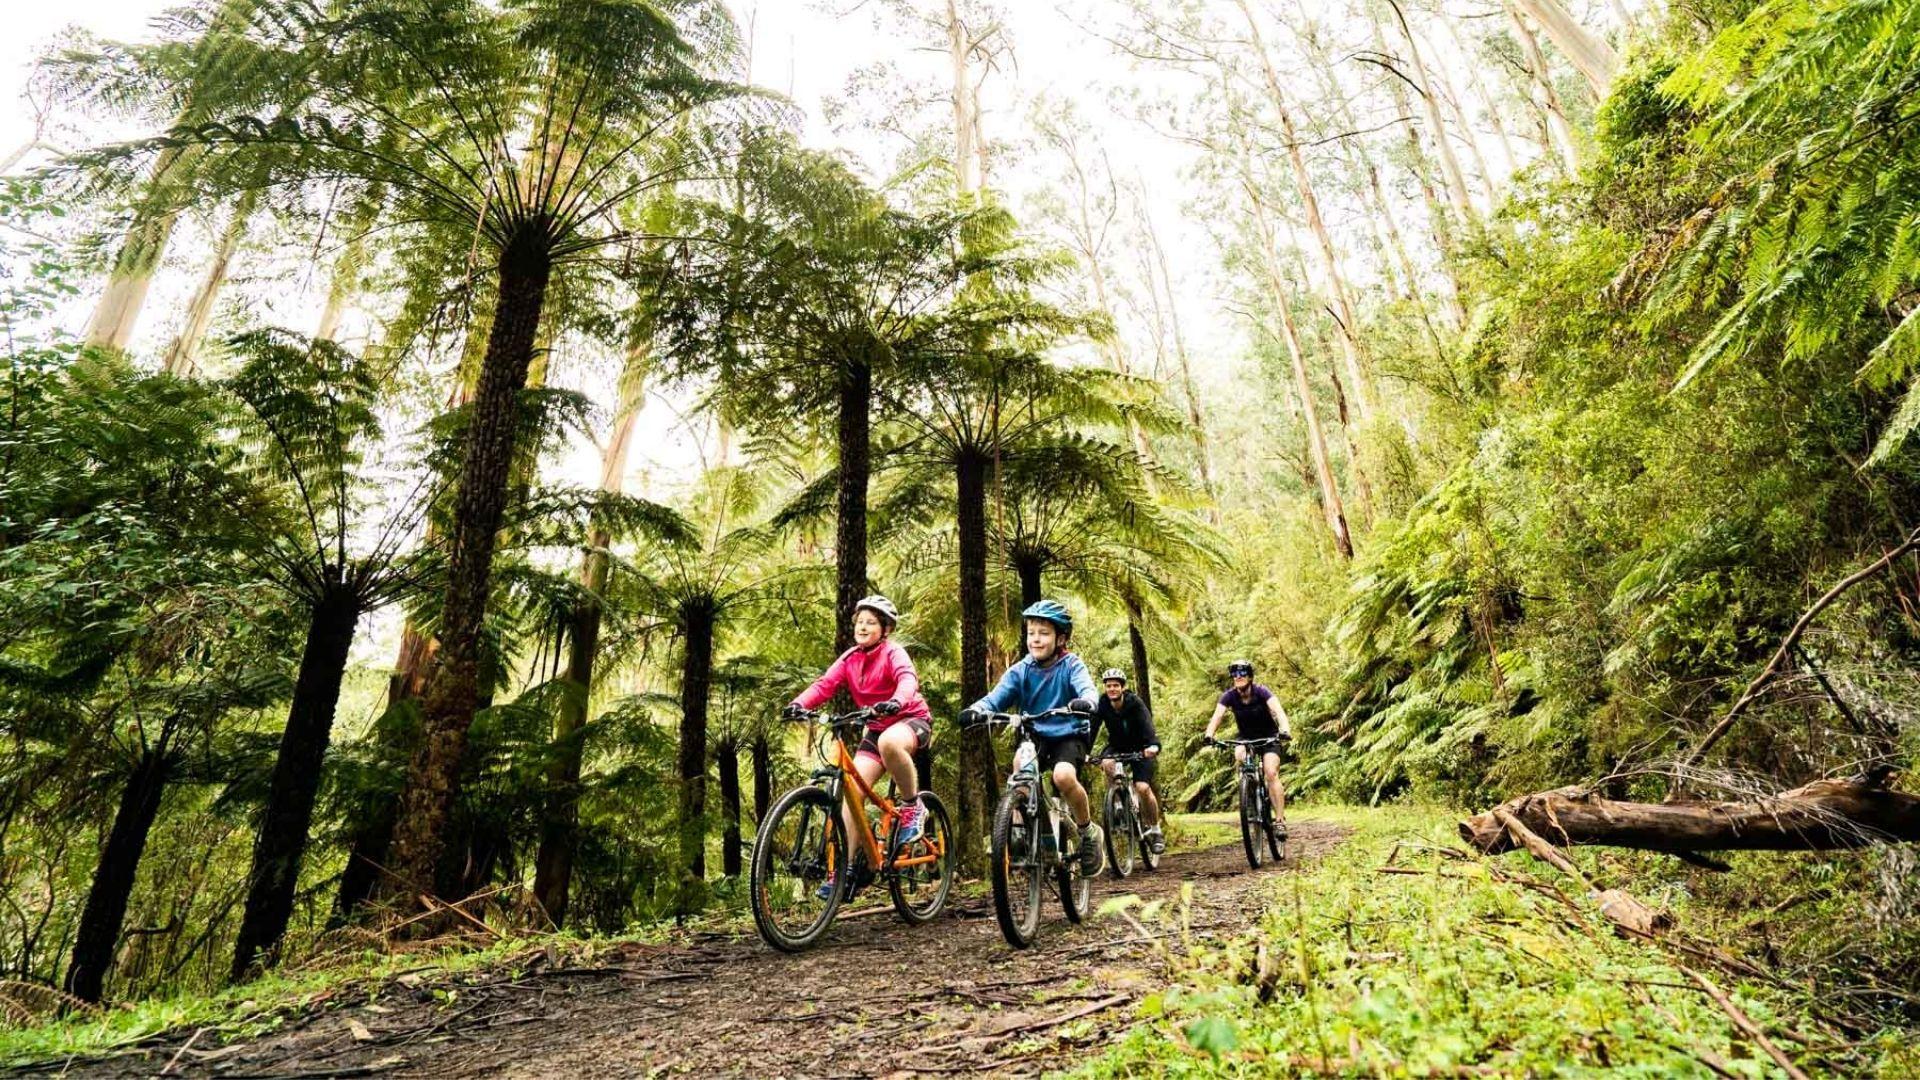 Family mountain biking through forest - Warburton Mountain Bike Destination